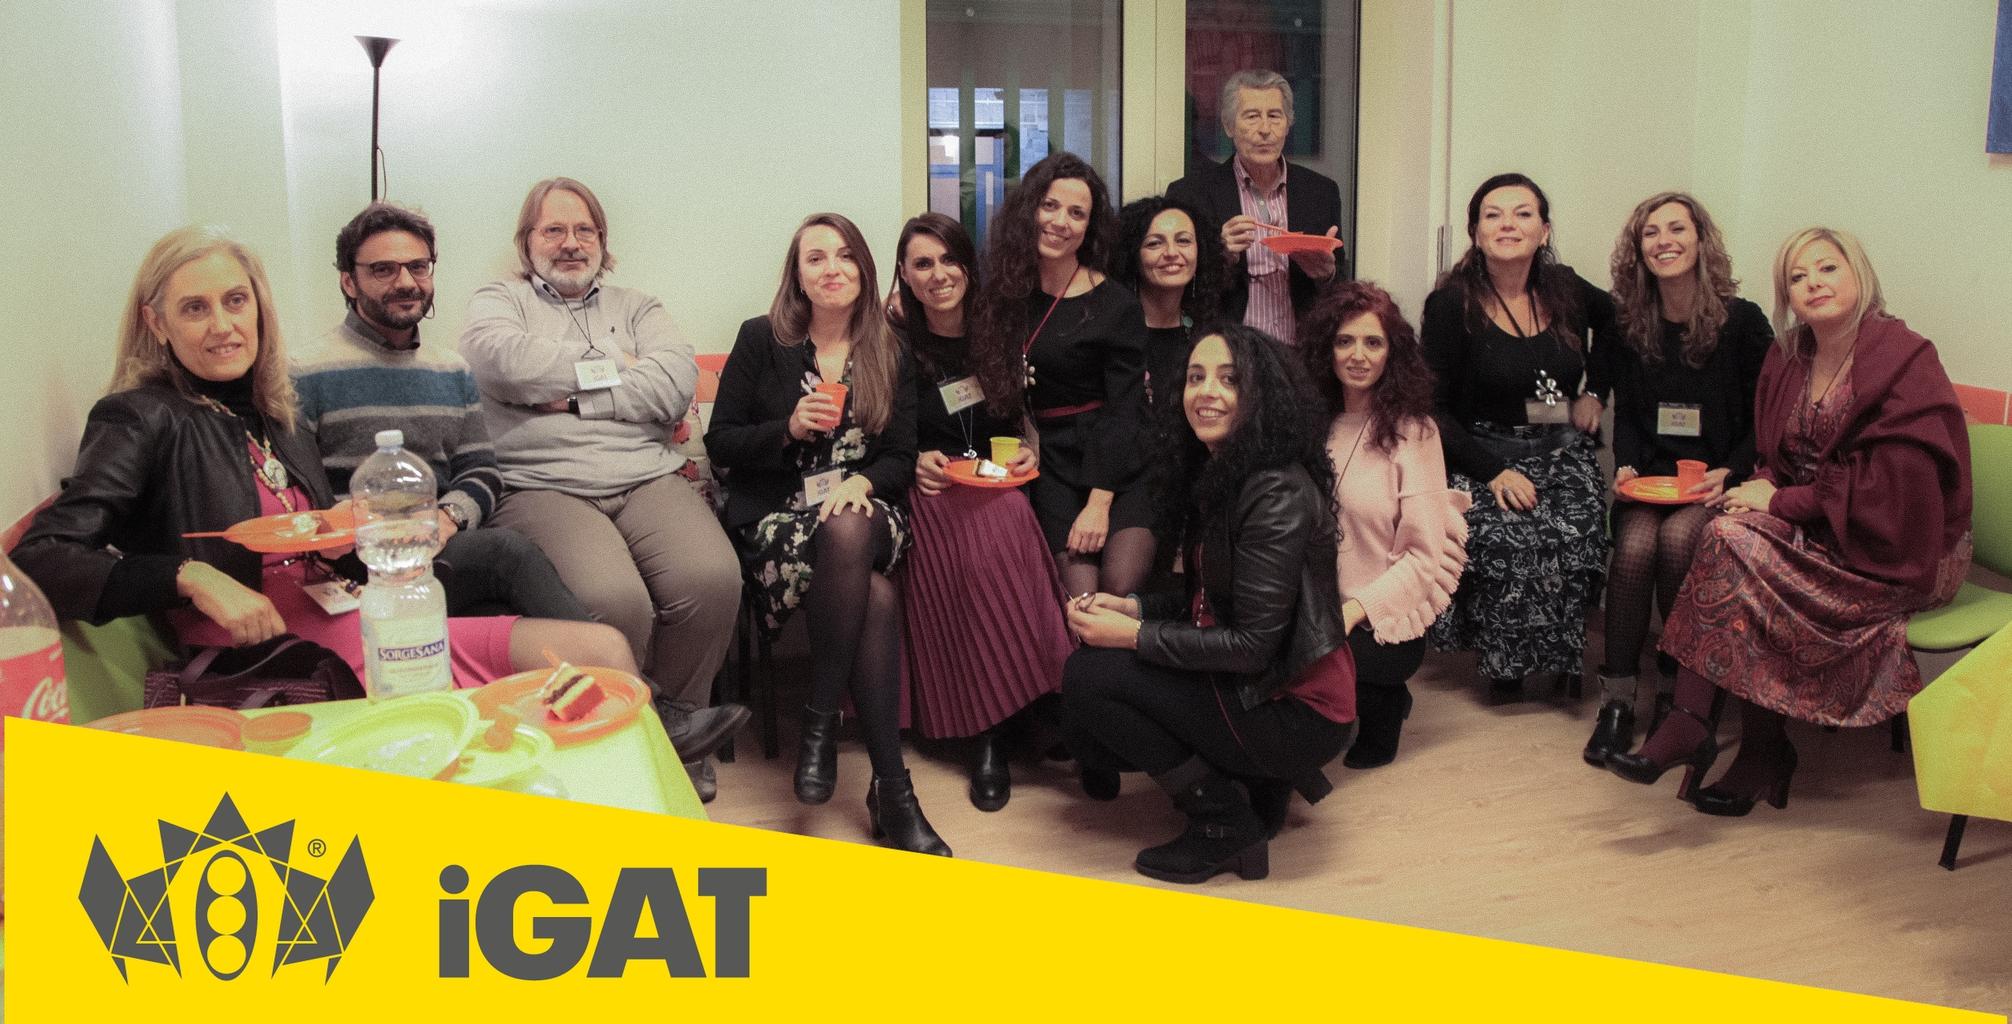 31 anniversario IGAT_21